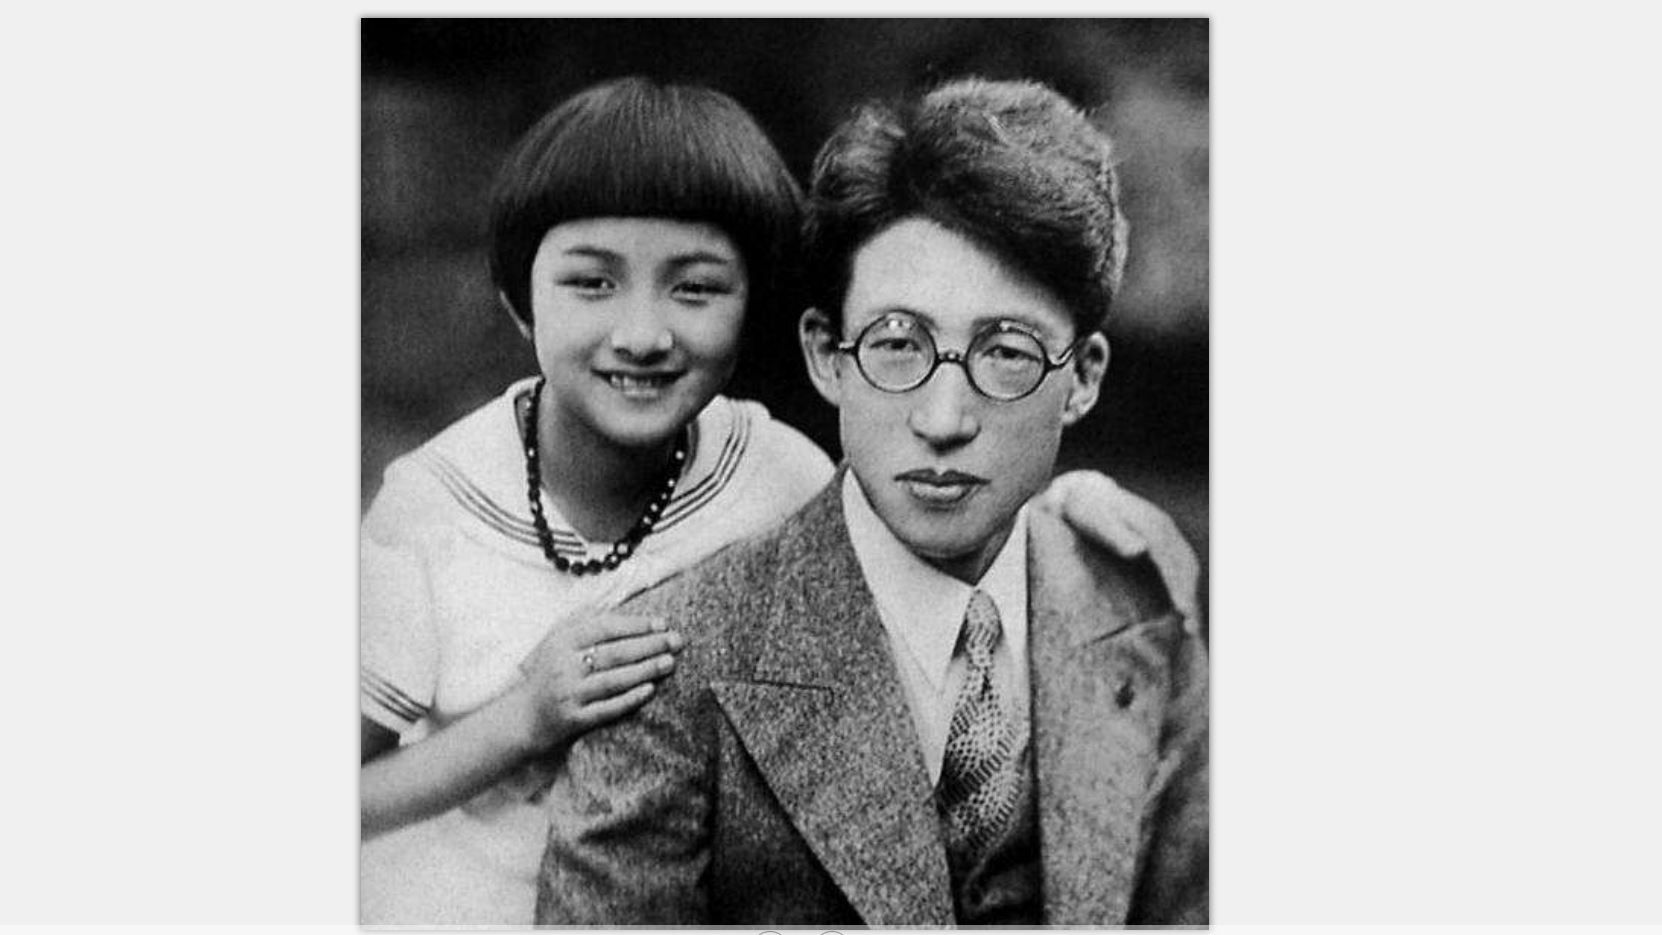 义父电影_高峰秀子自传节选《我的义父 东海林太郎》 - 哔哩哔哩